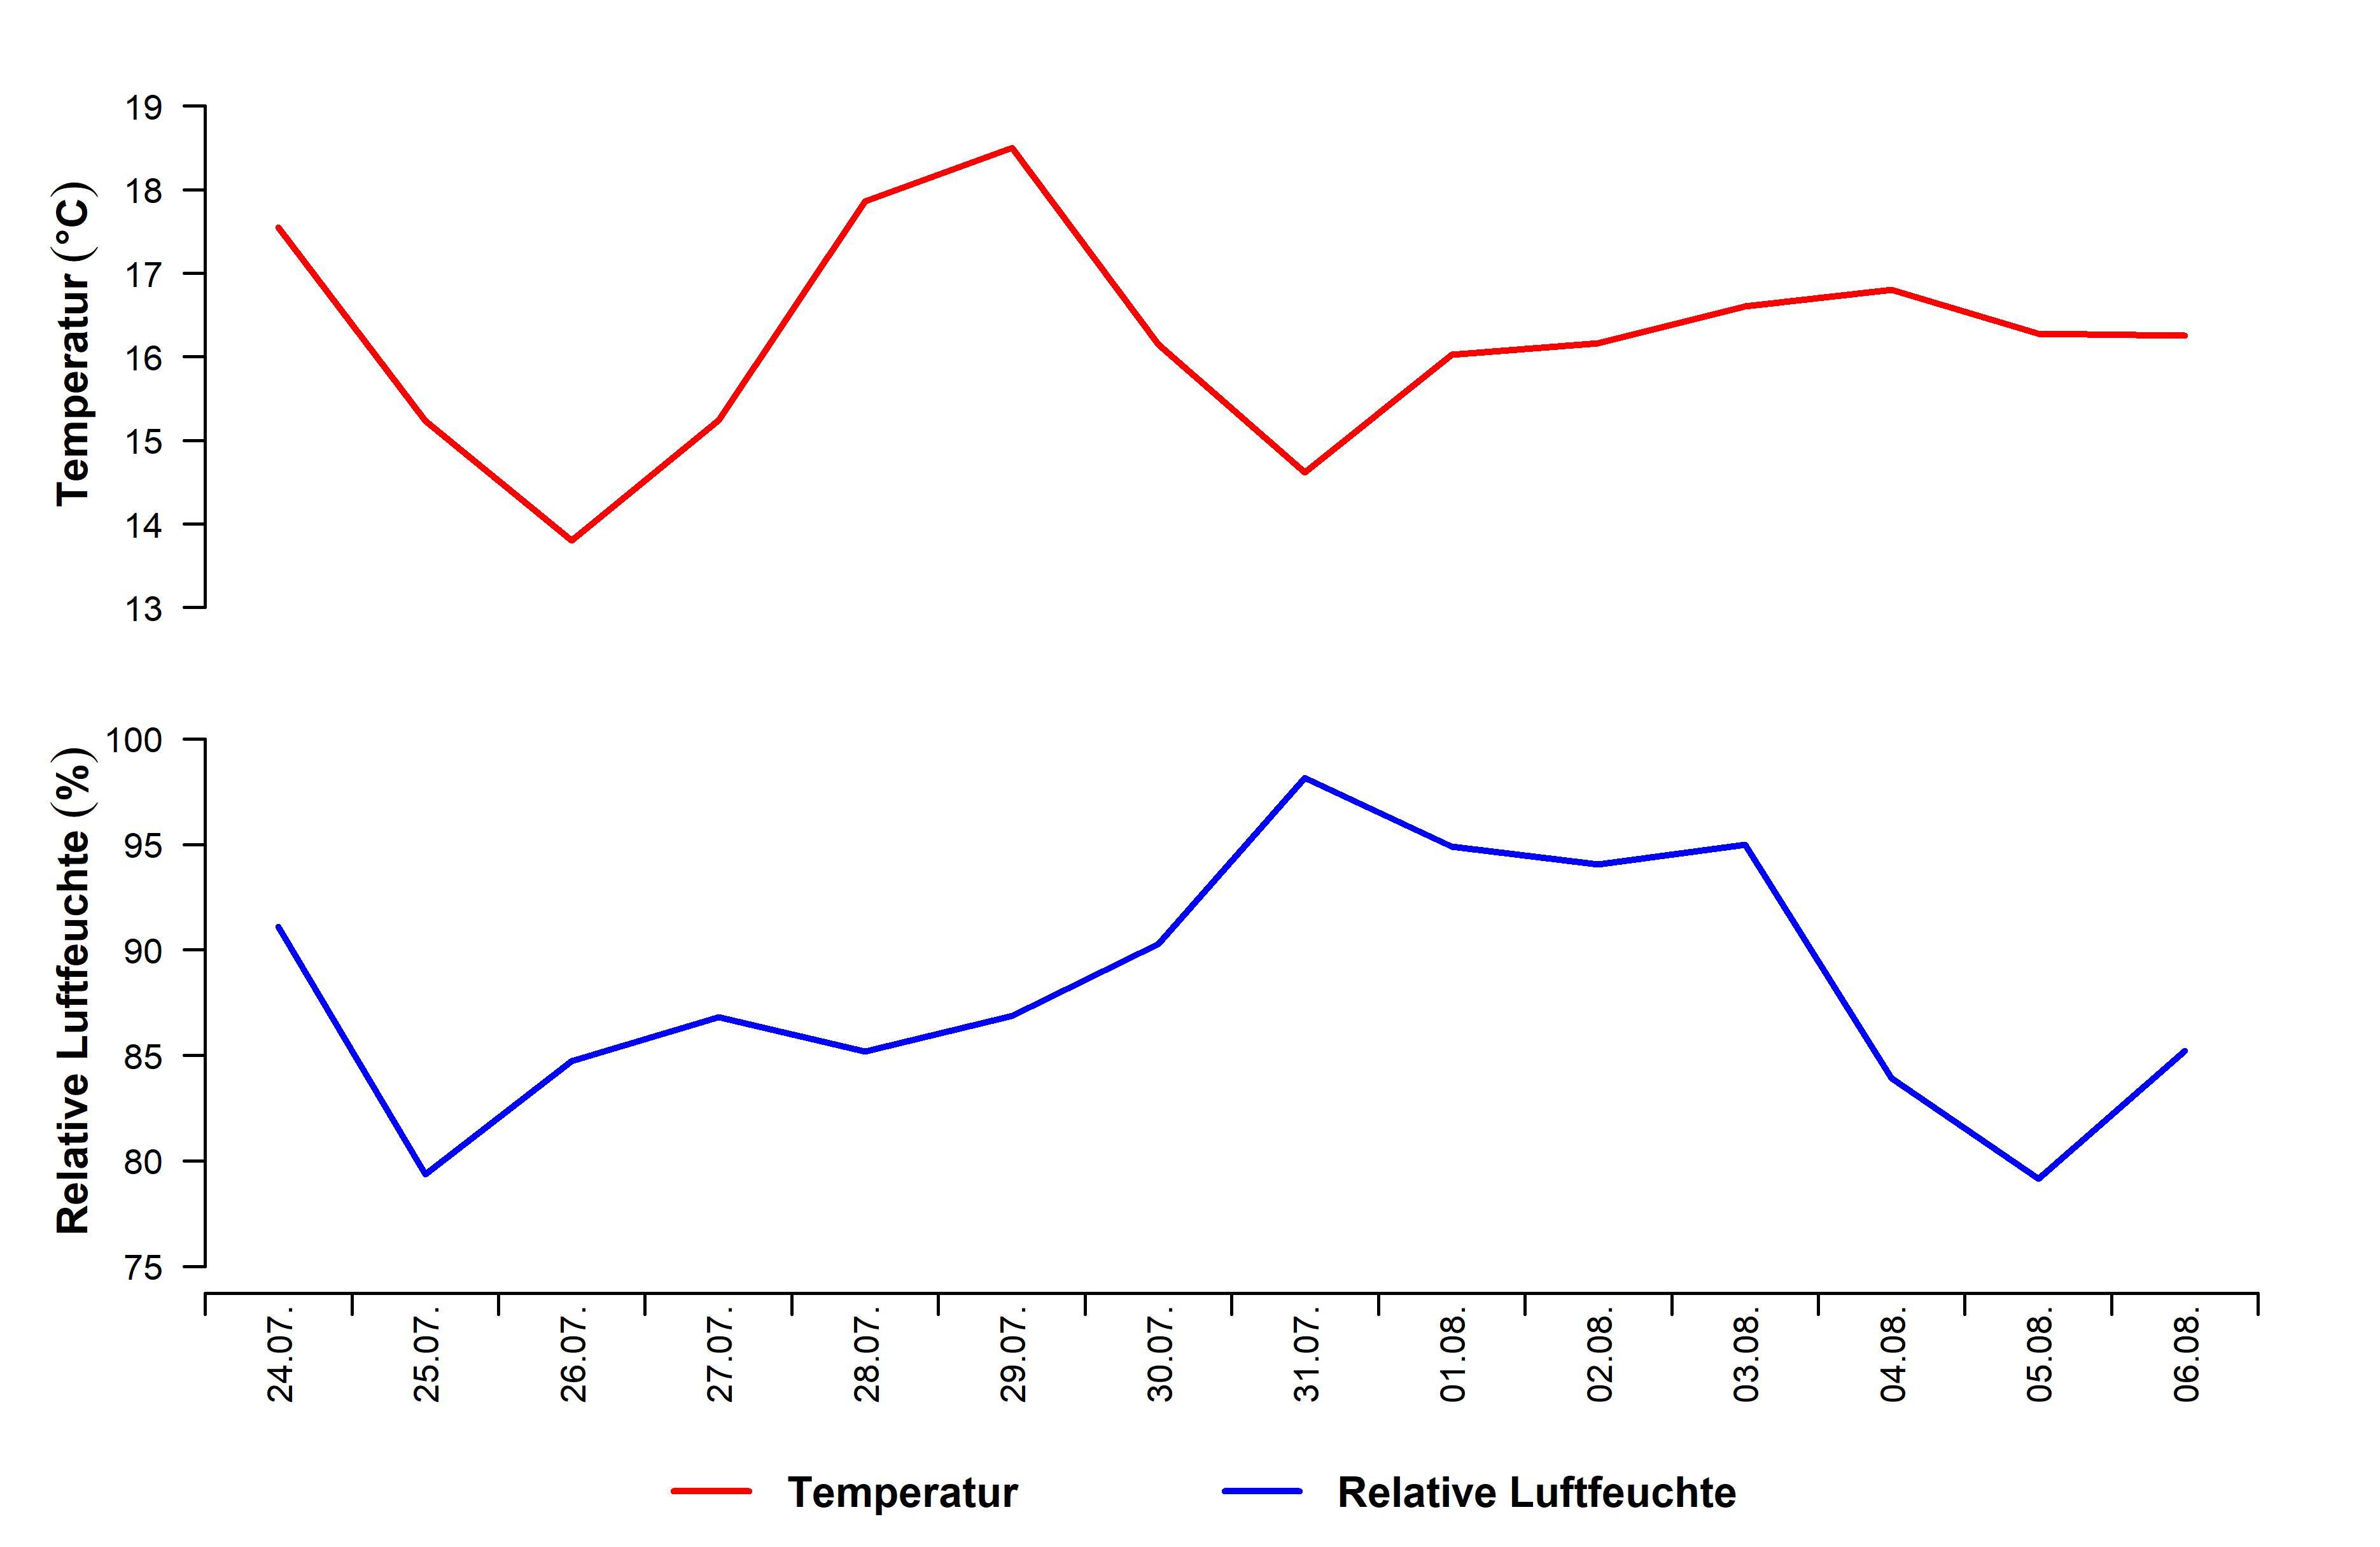 Temperatur_Luftfeuchte_Tageswerte_14Tage